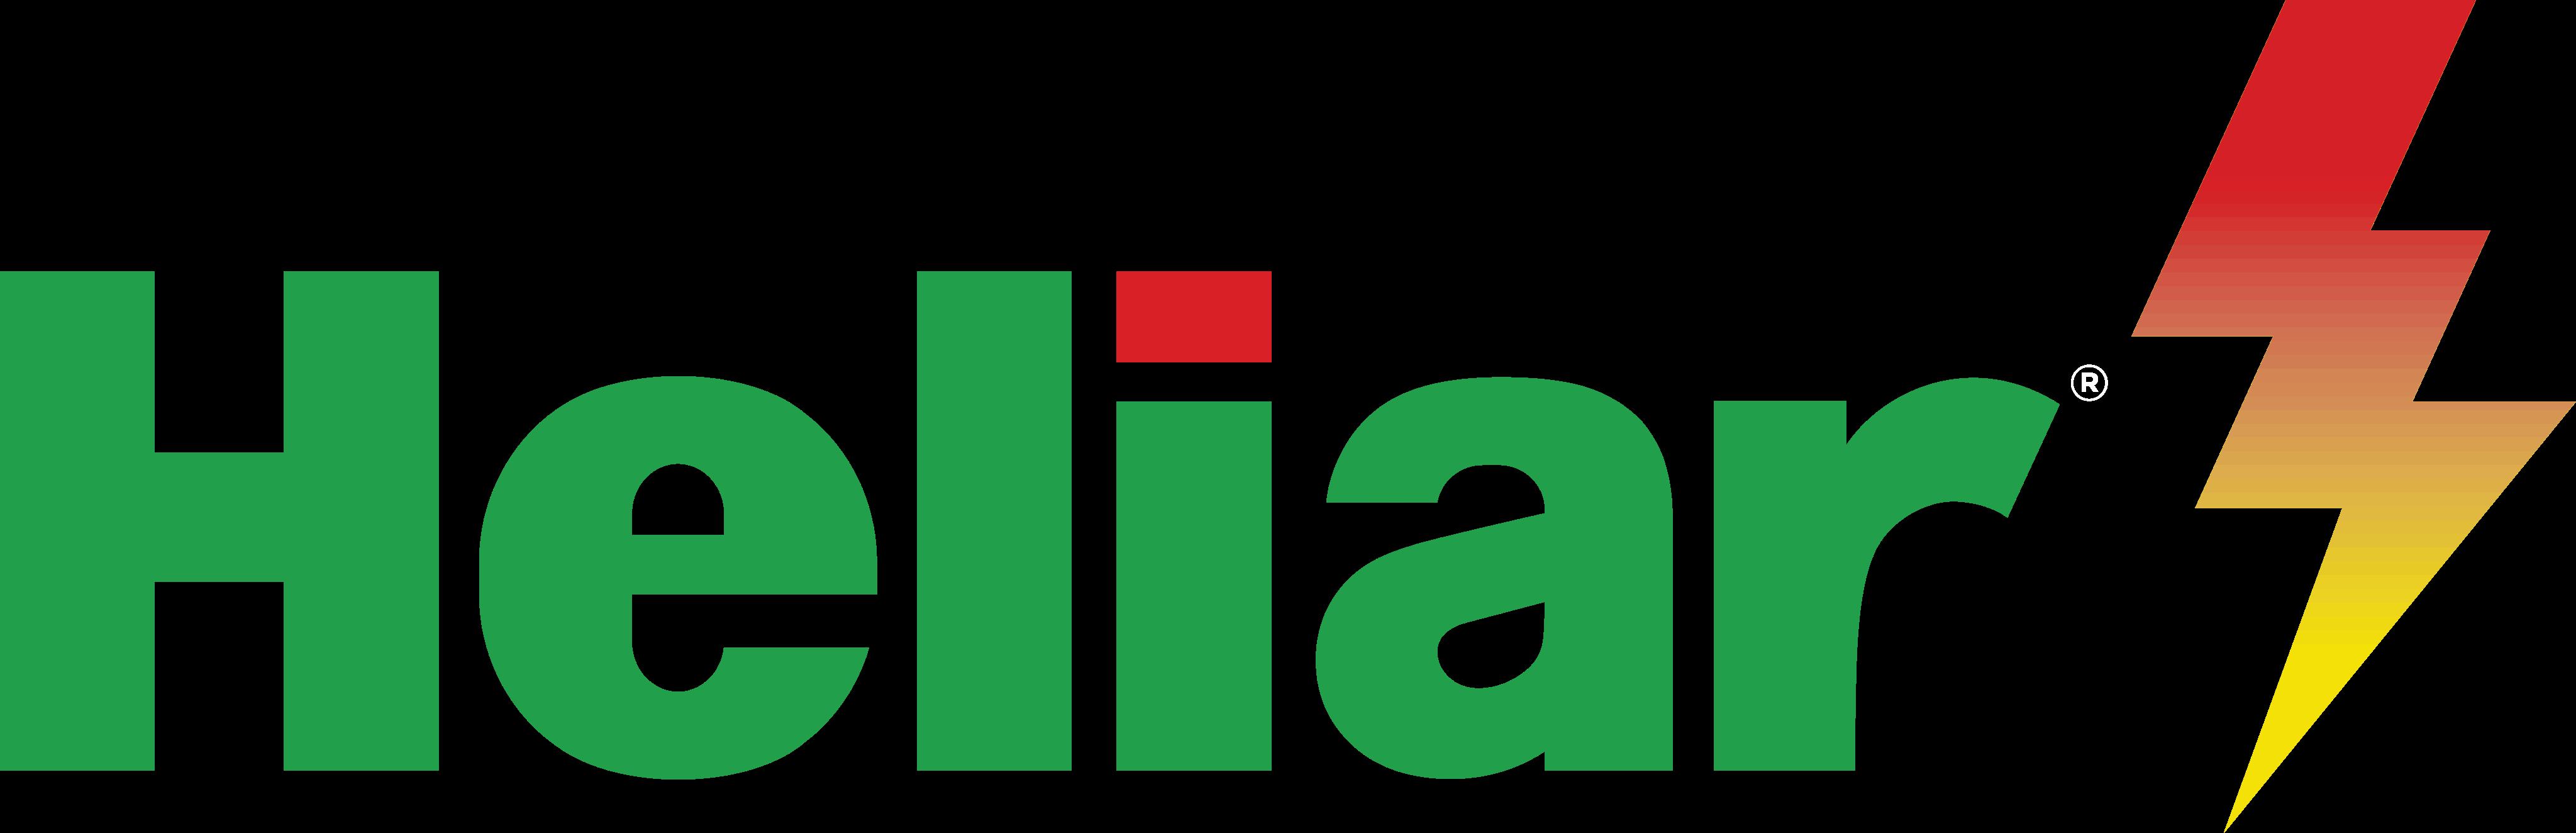 heliar logo - Heliar Logo